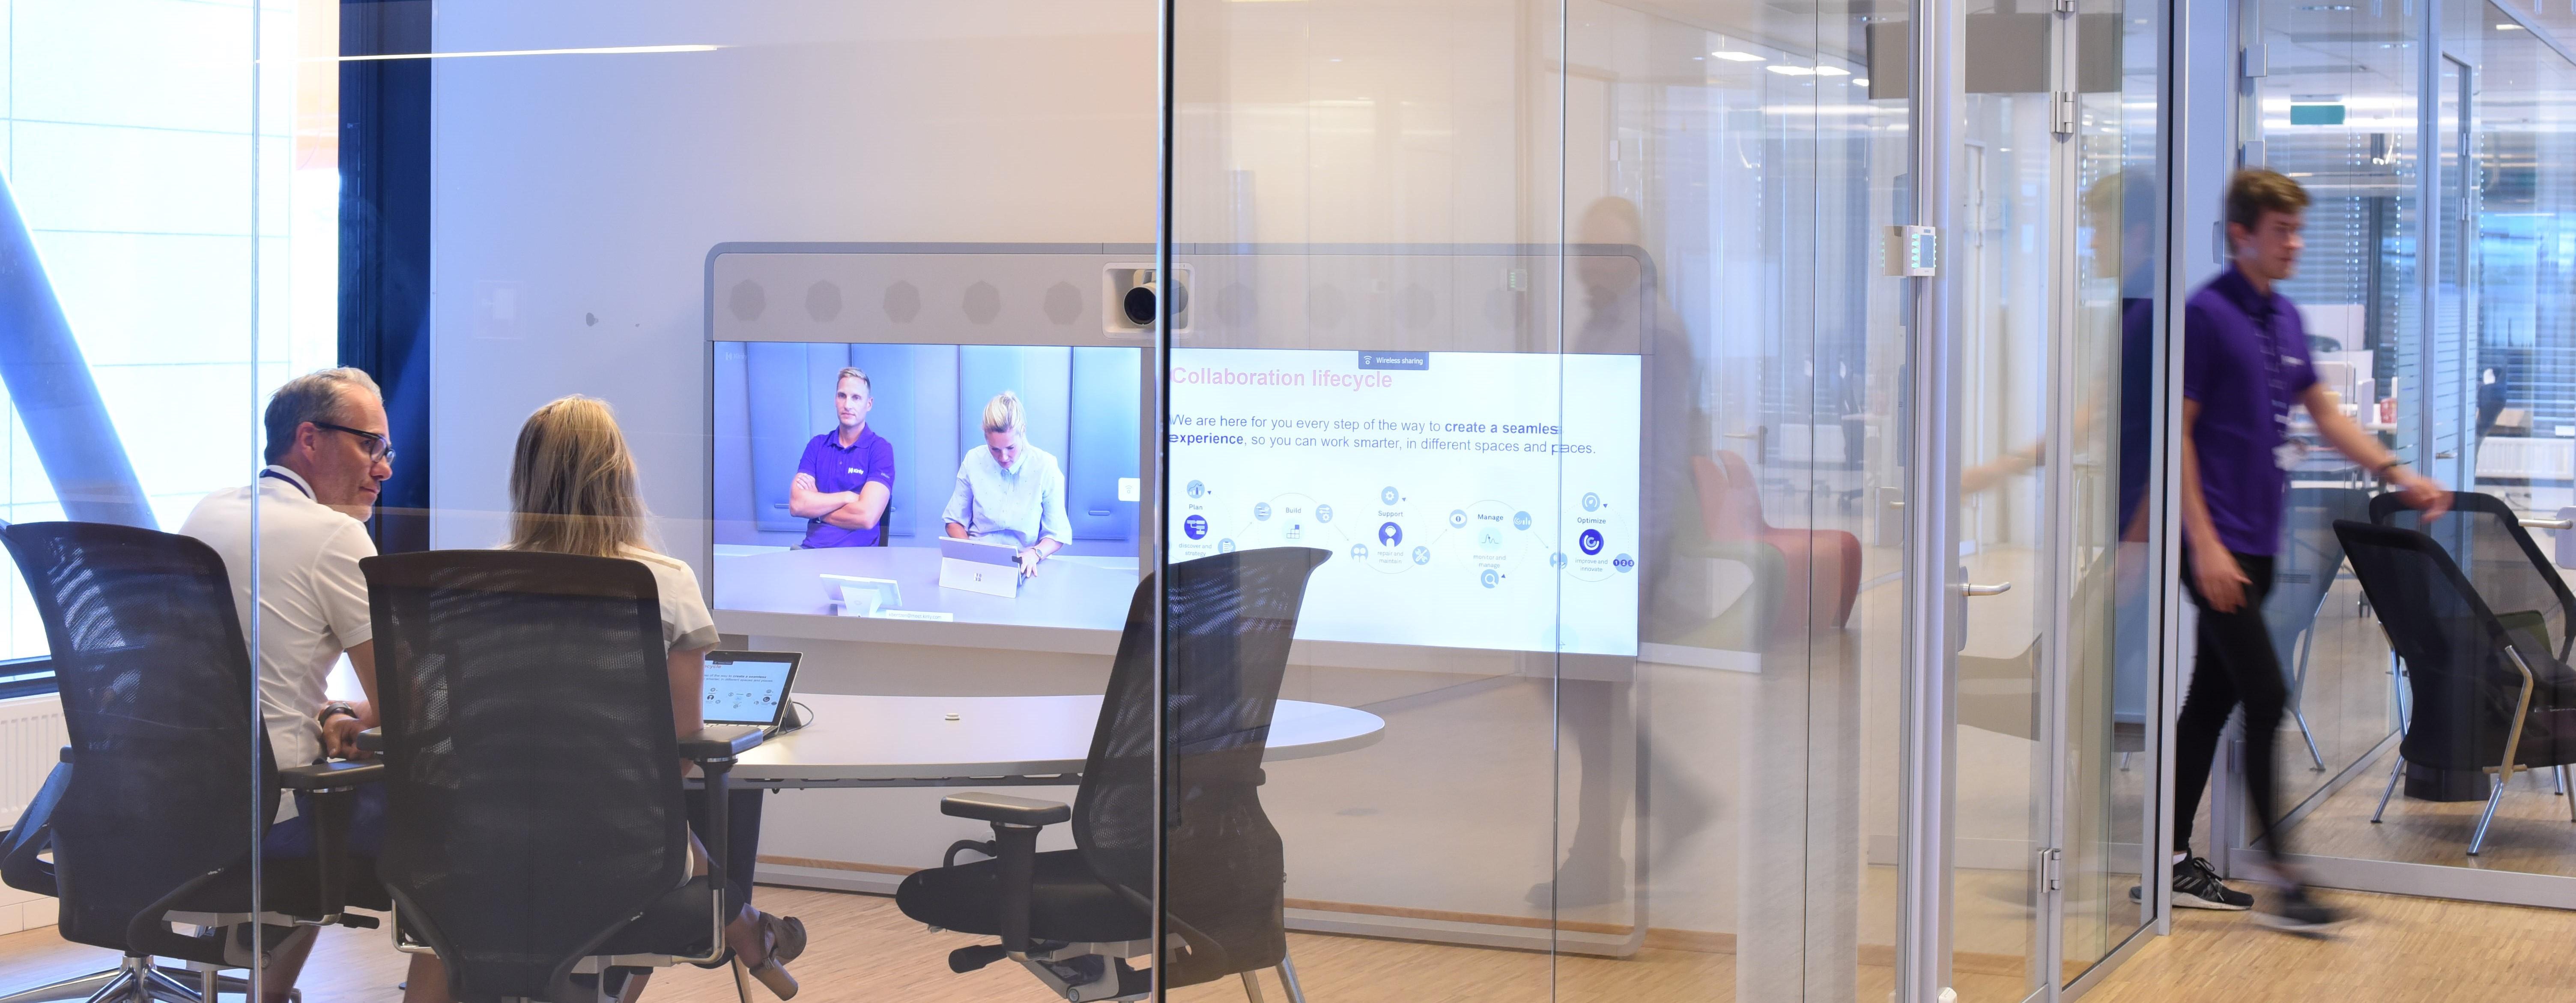 De perfecte omgeving voor zakelijk videovergaderen creëren